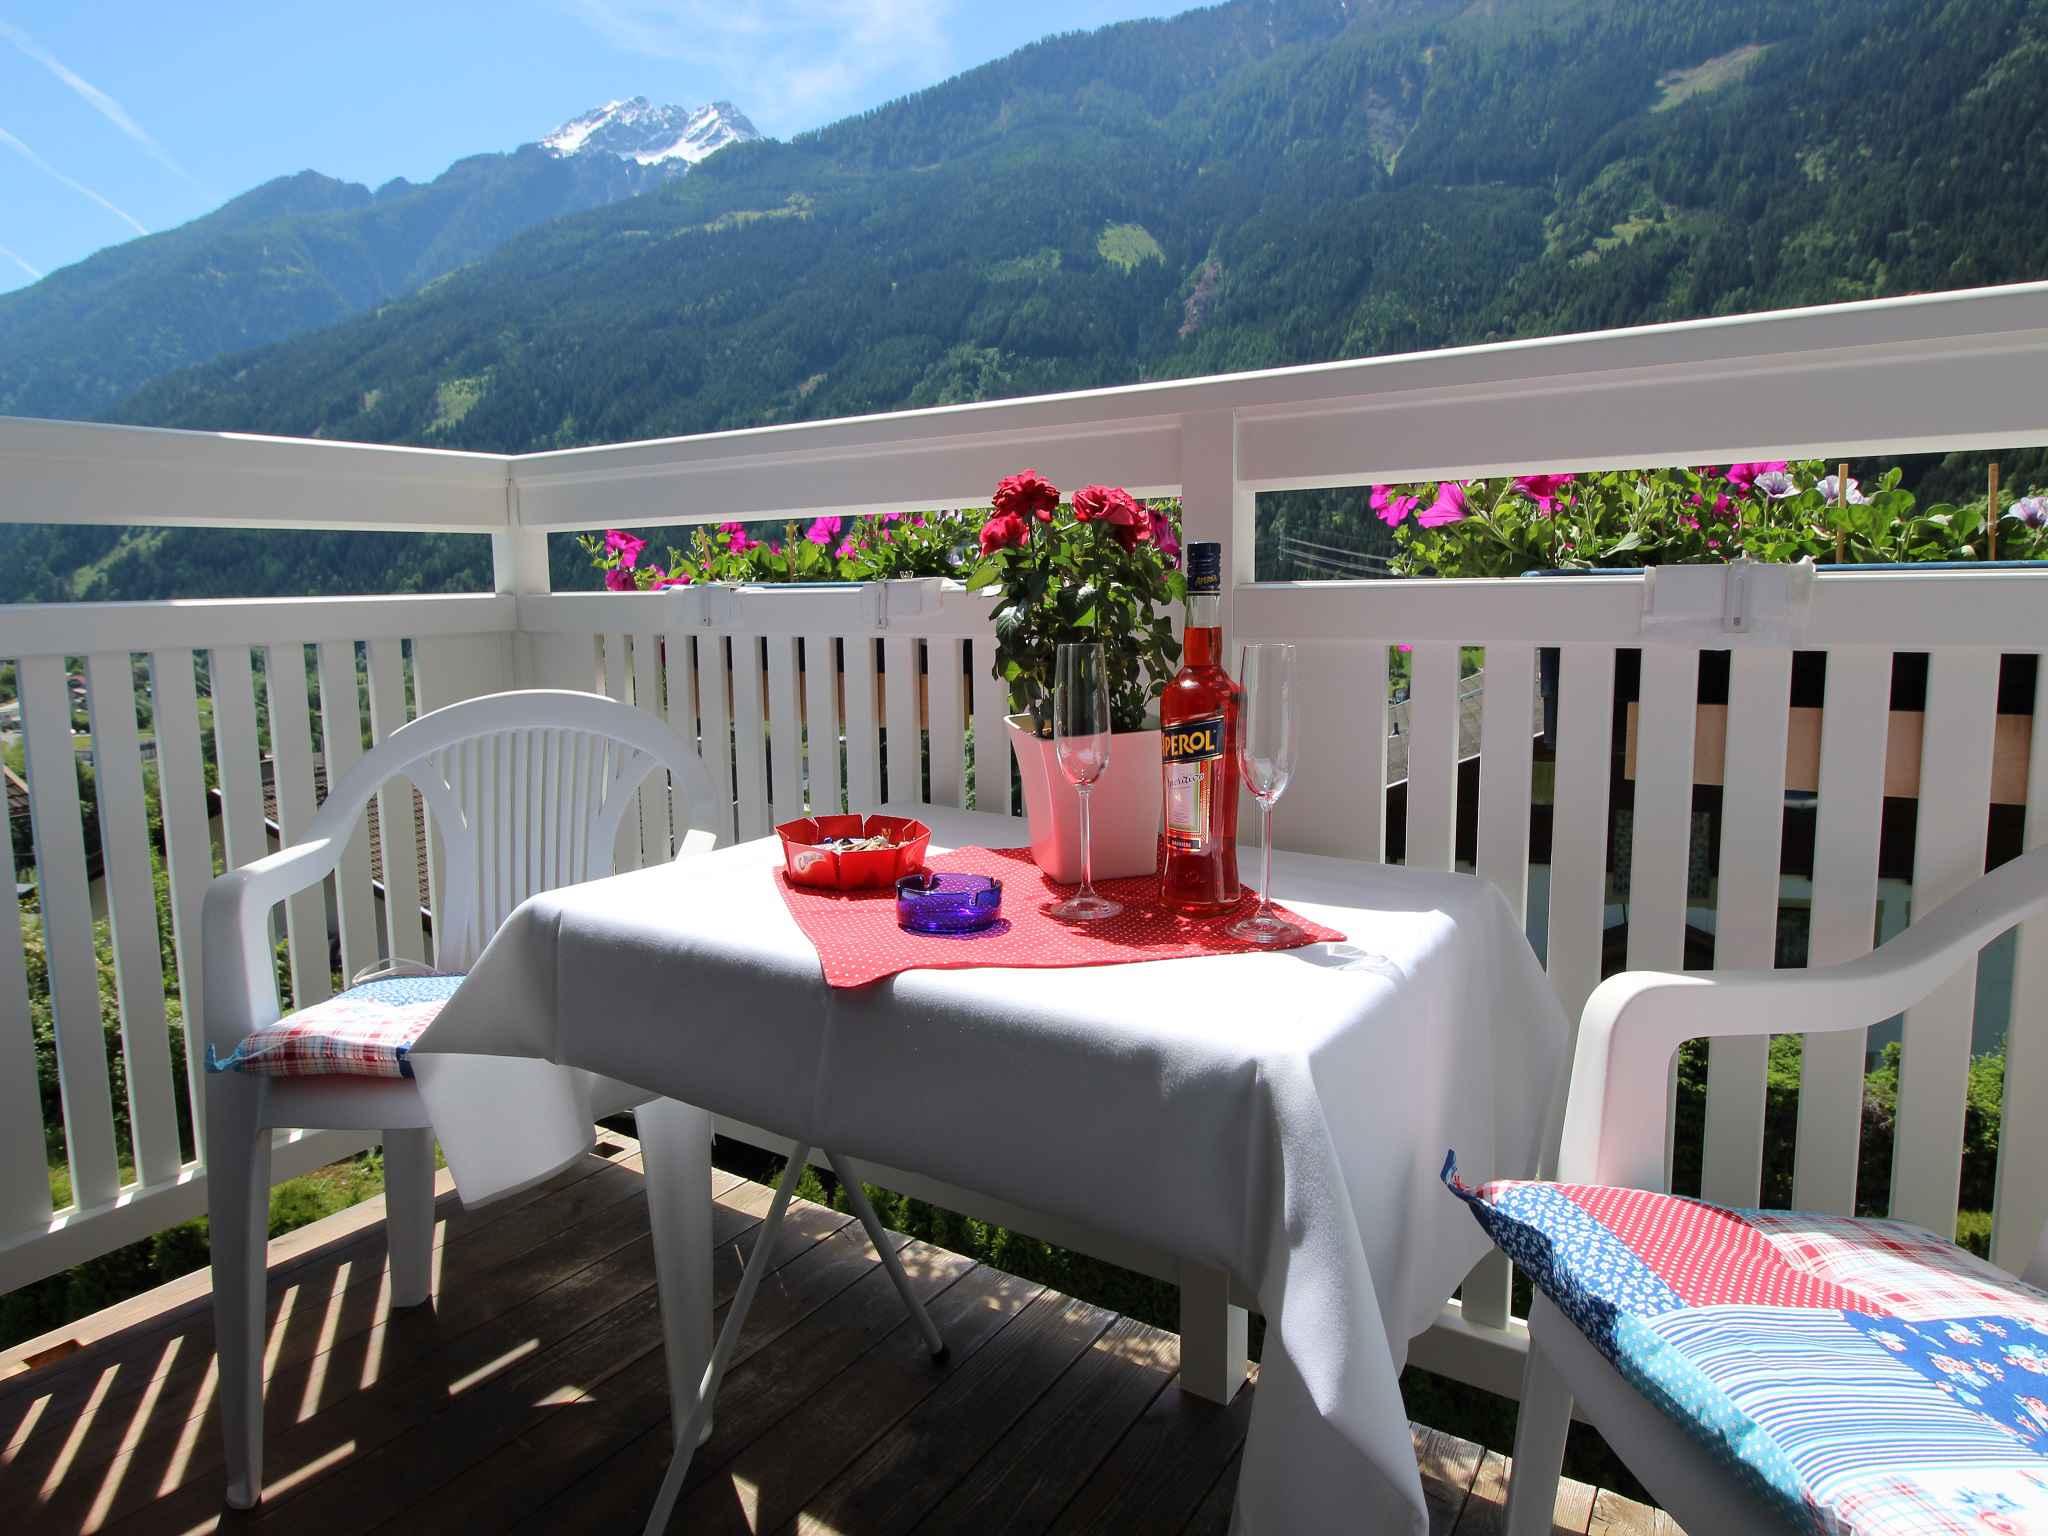 Ferienwohnung in ruhiger sonniger Lage (281294), Flattach, , Kärnten, Österreich, Bild 4